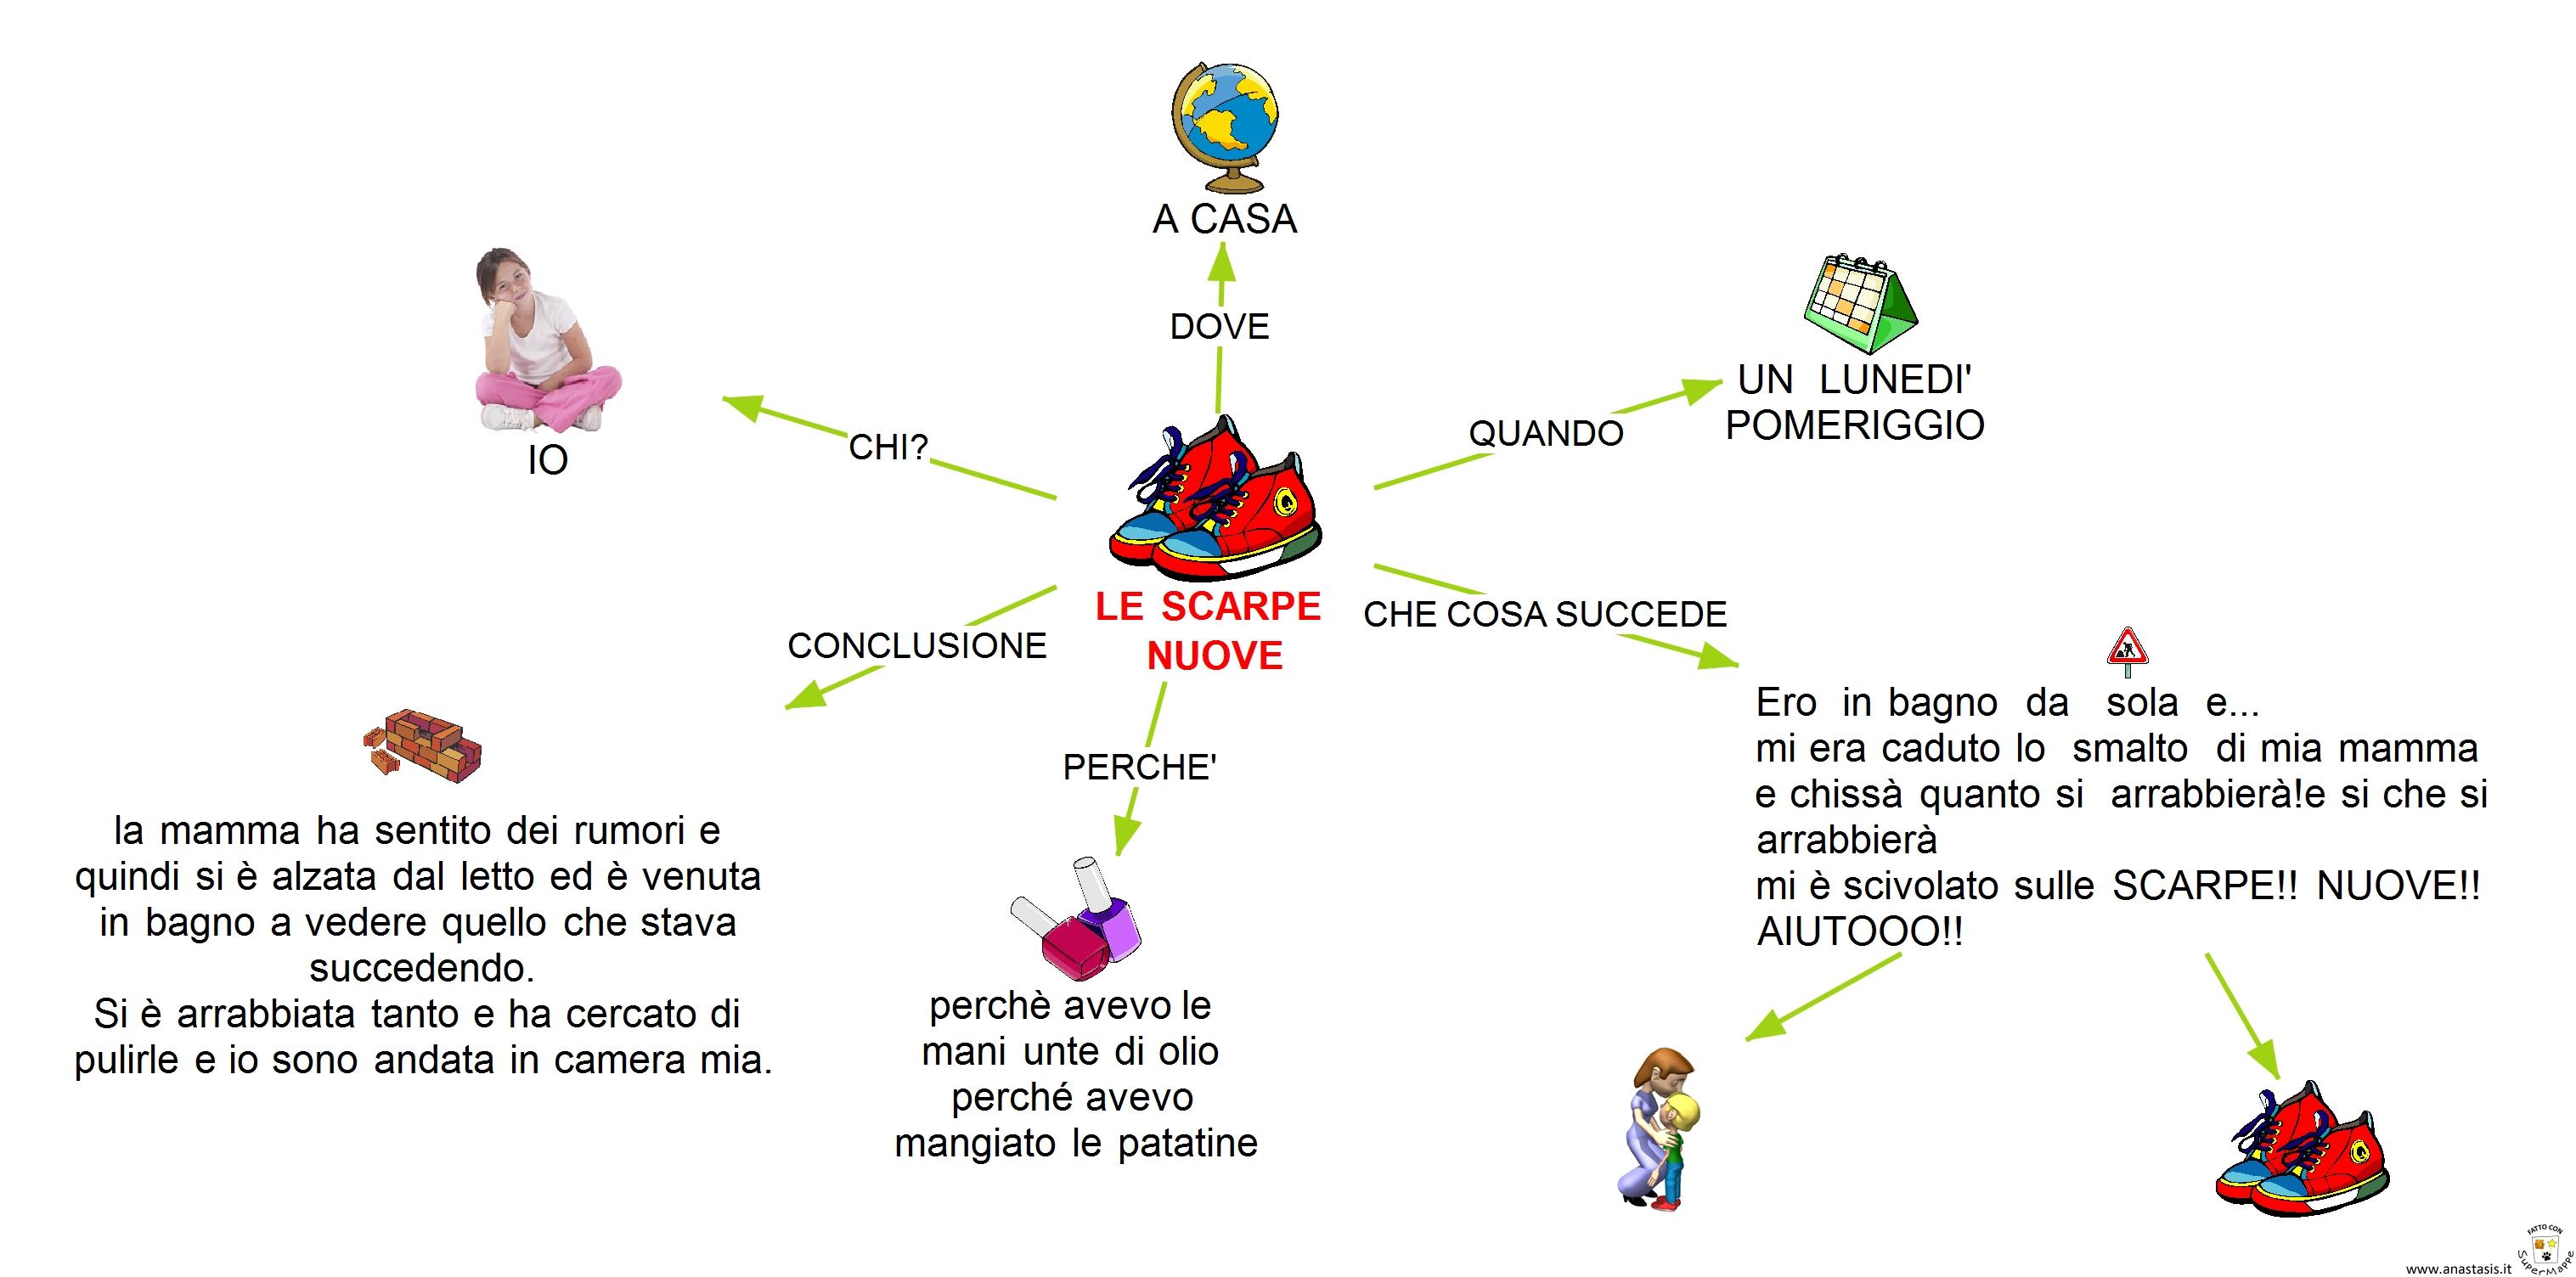 Dsa Scrivere Un Temaquali Strategie Francesca Cavaiani